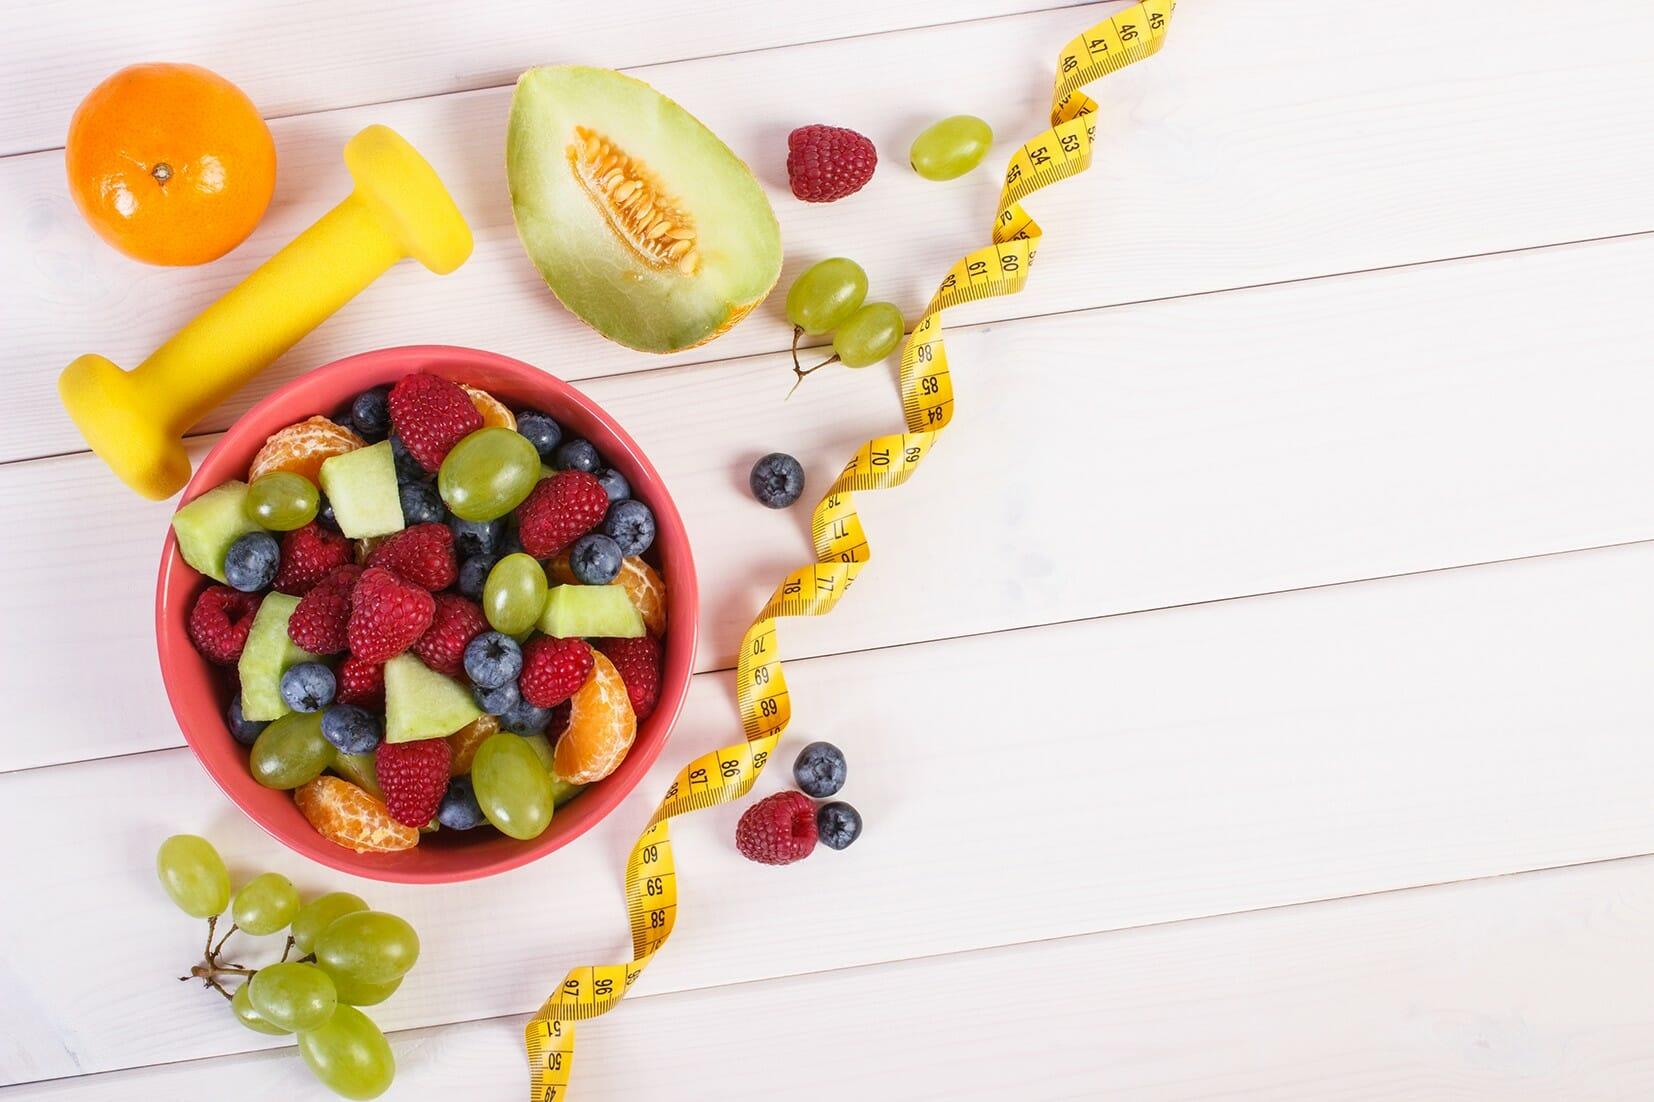 glucides, activité physique, entrainement, nutrition